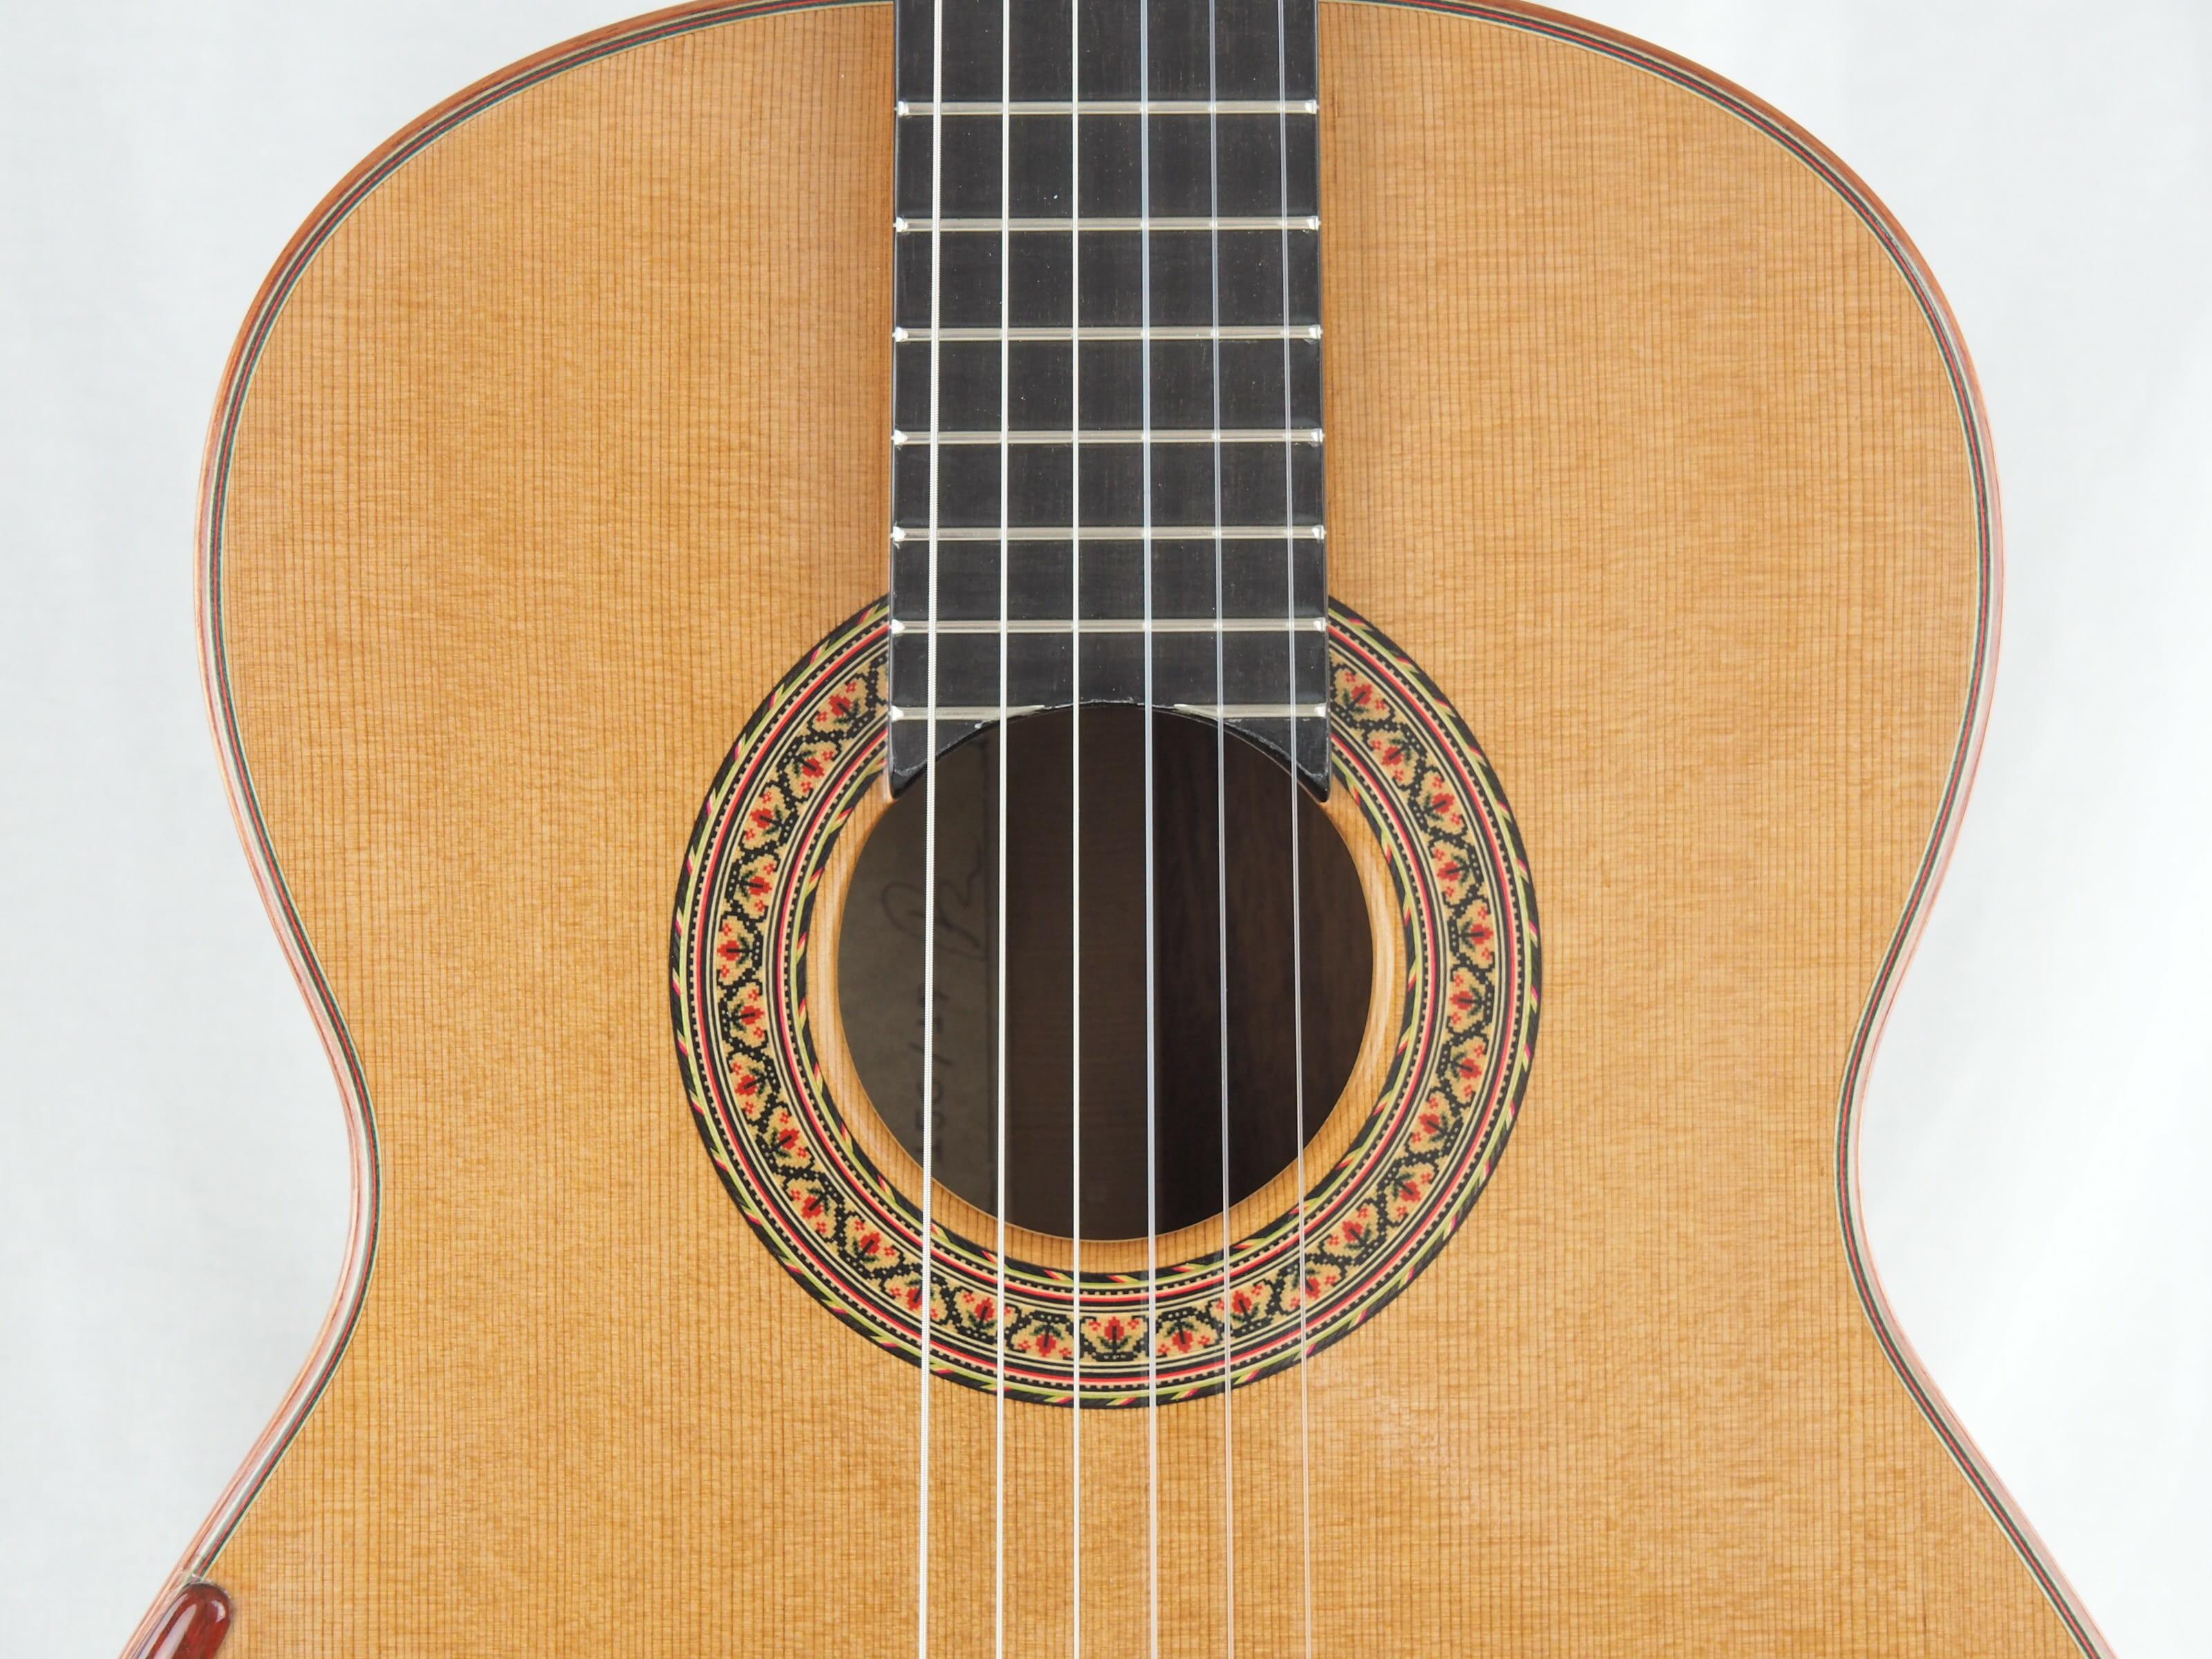 Luthier Vasilis Vasileiadis guitare classique no. 19VAS156-08